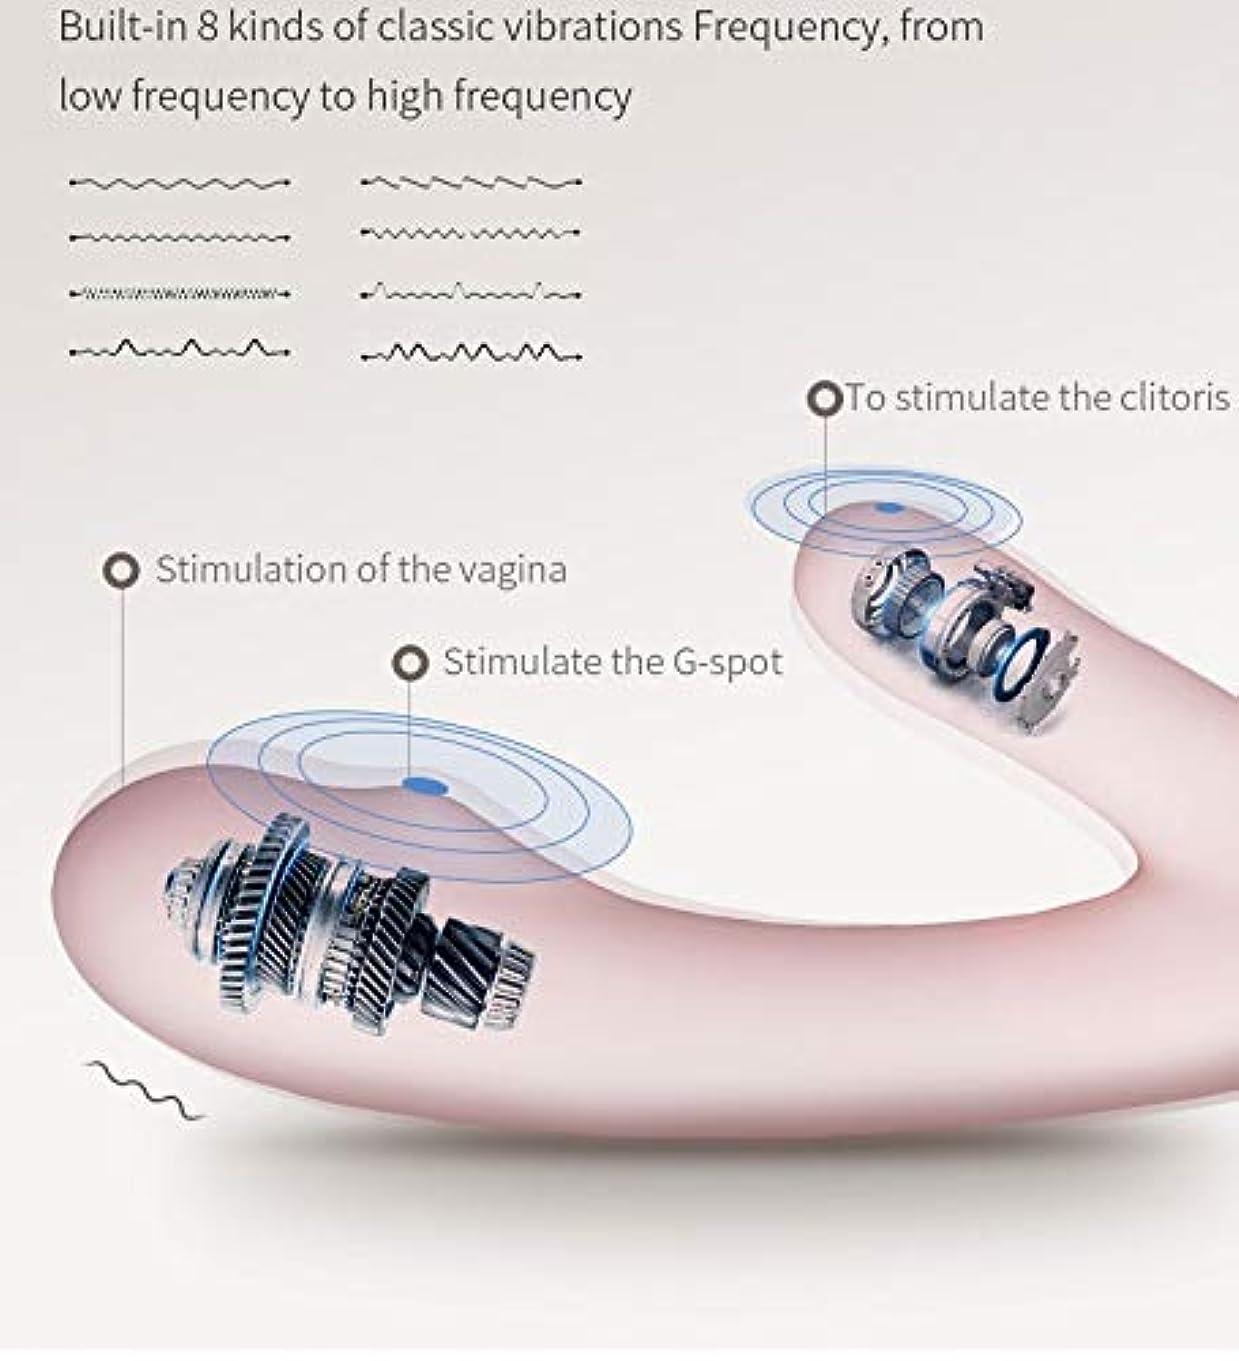 スチール豊富にグレートオークLTT 女性の柔らかいシリコーン防水ウサギツール安全な女性 - ワンボタンインテリジェント加熱、8周波数振動、携帯電話のリモコン